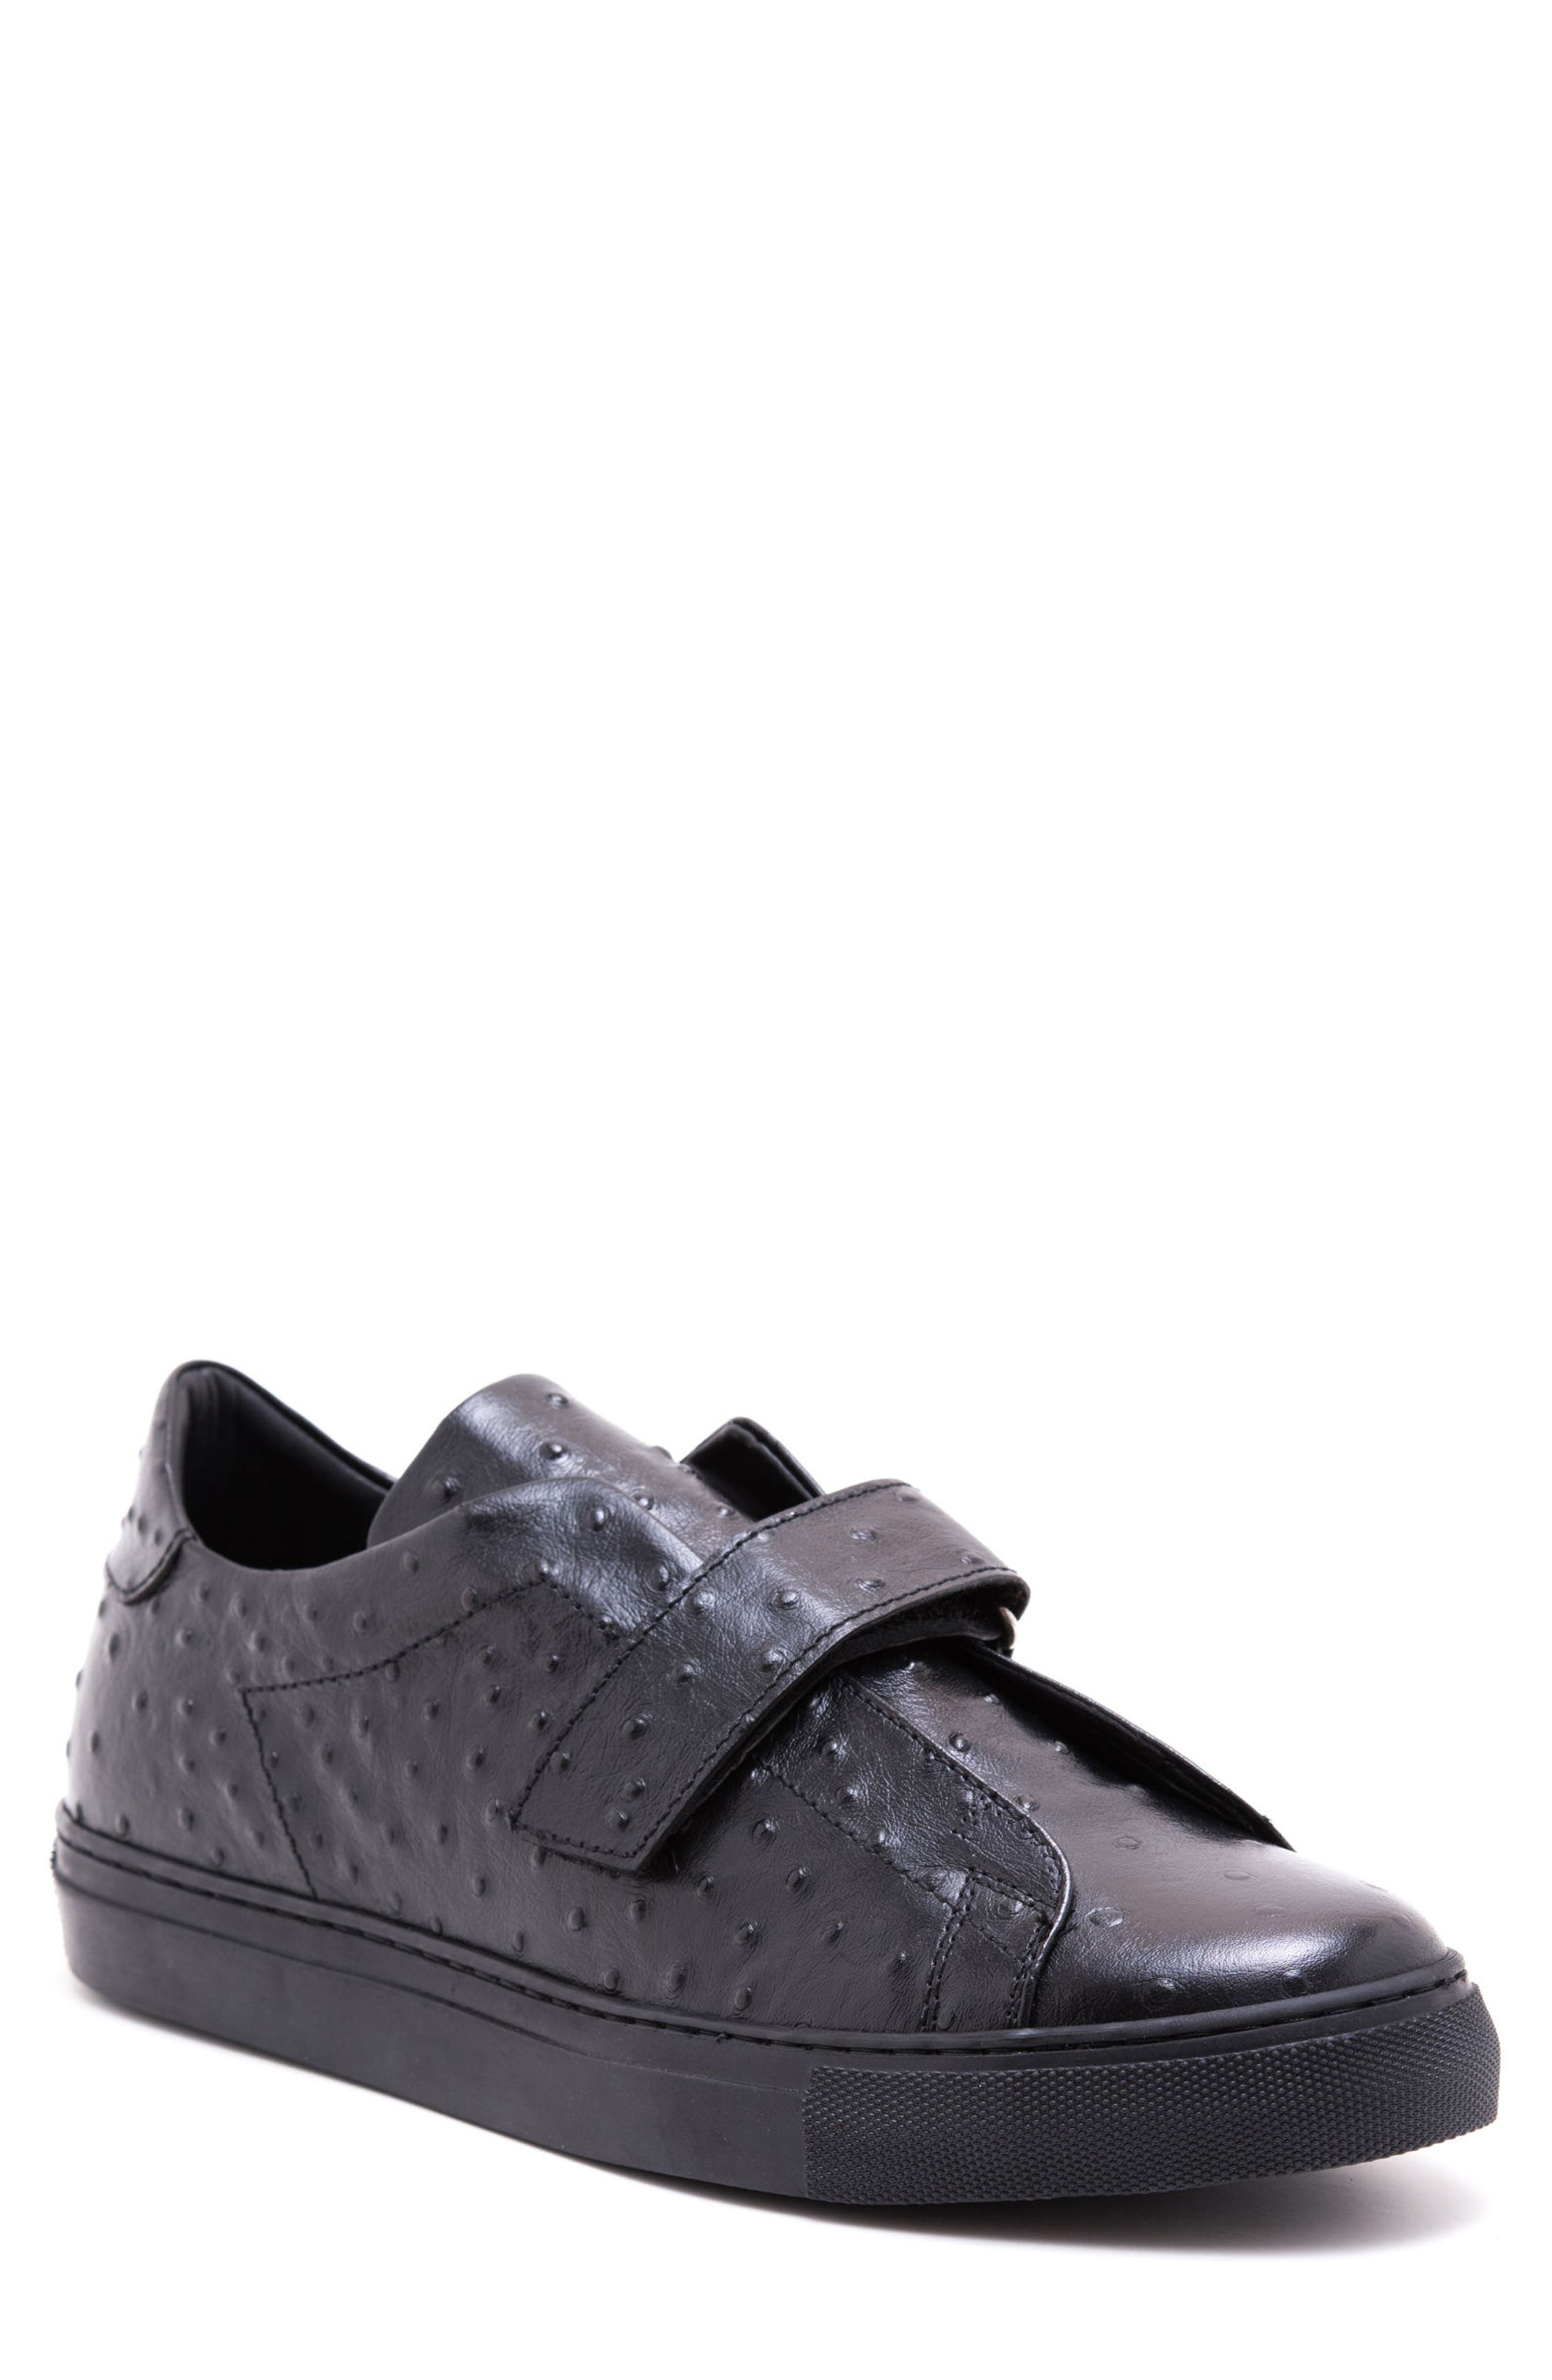 West Sneaker,                             Main thumbnail 1, color,                             BLACK